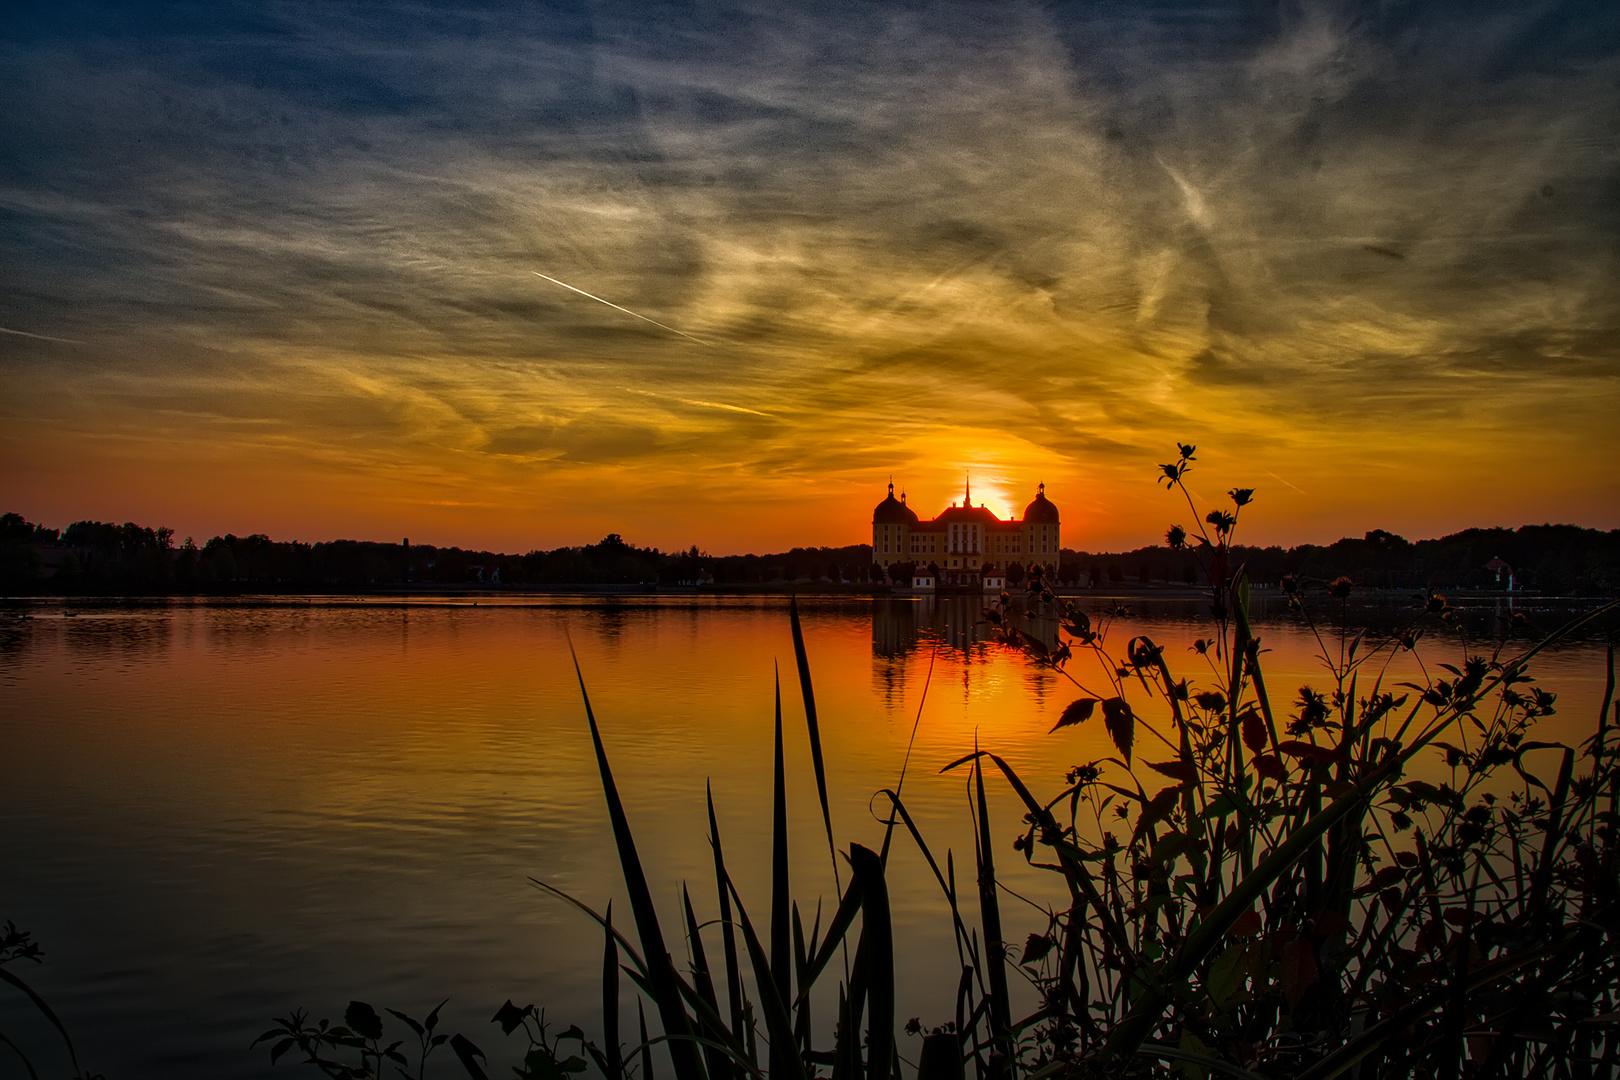 Sonnenuntergang bei Moritzburg